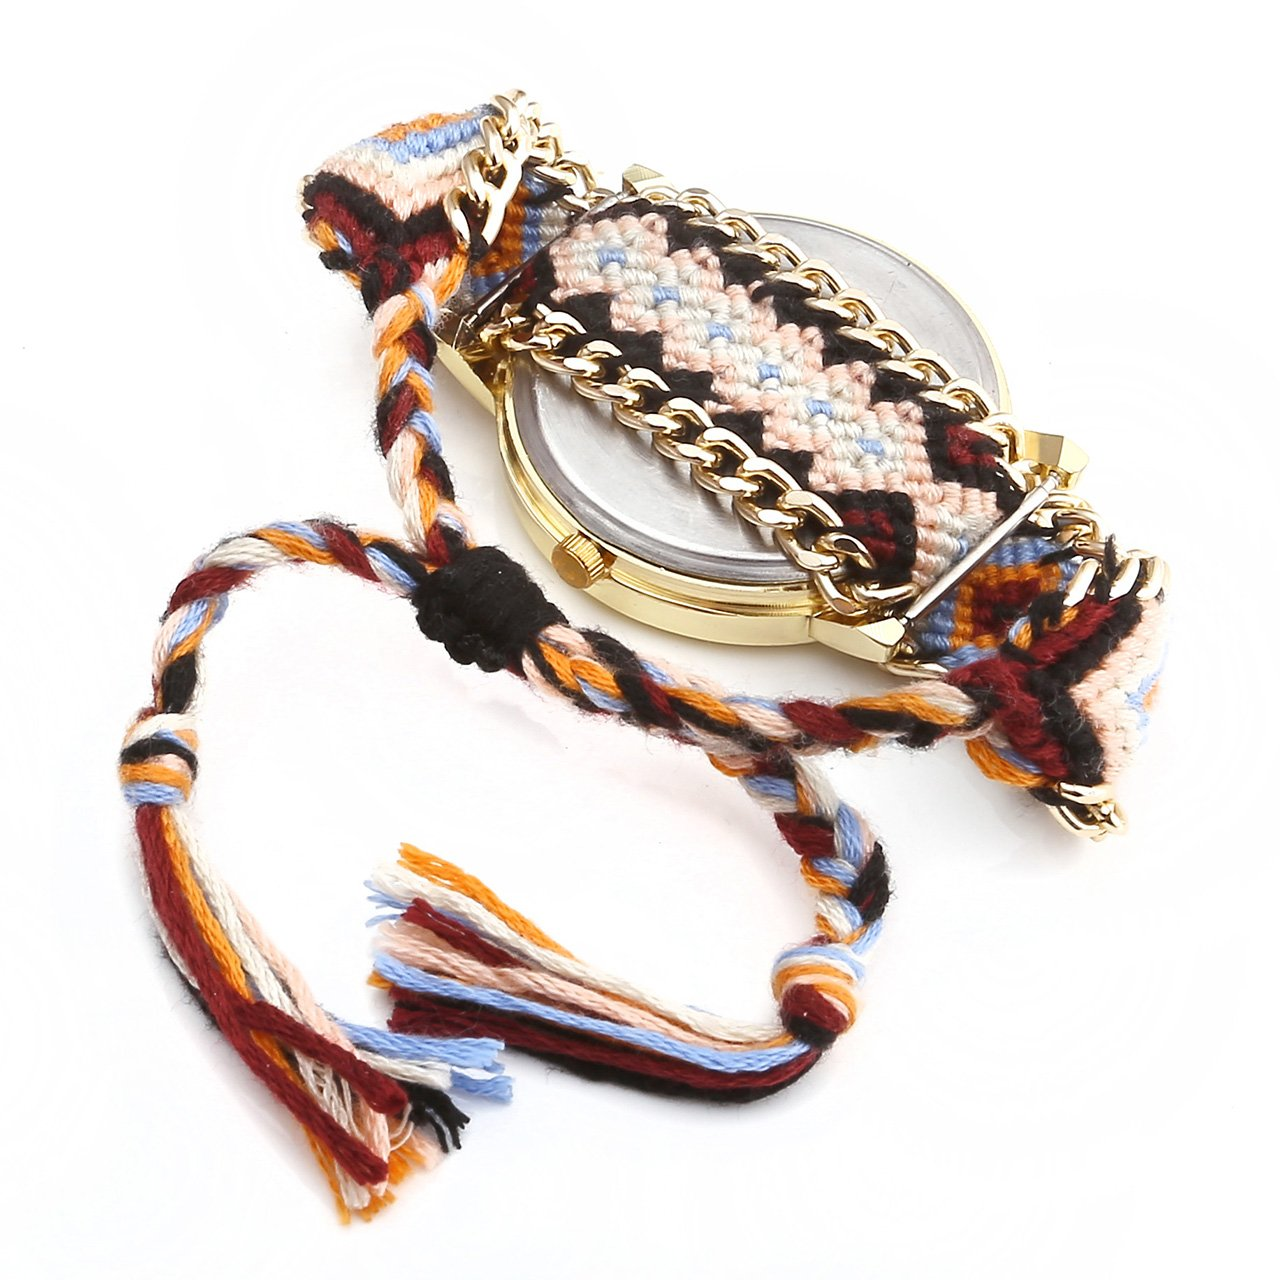 JSDDE 1PC Femmes Motif éléphant Corde Tissé Band Bracelet Quartz Composer Montre Orange